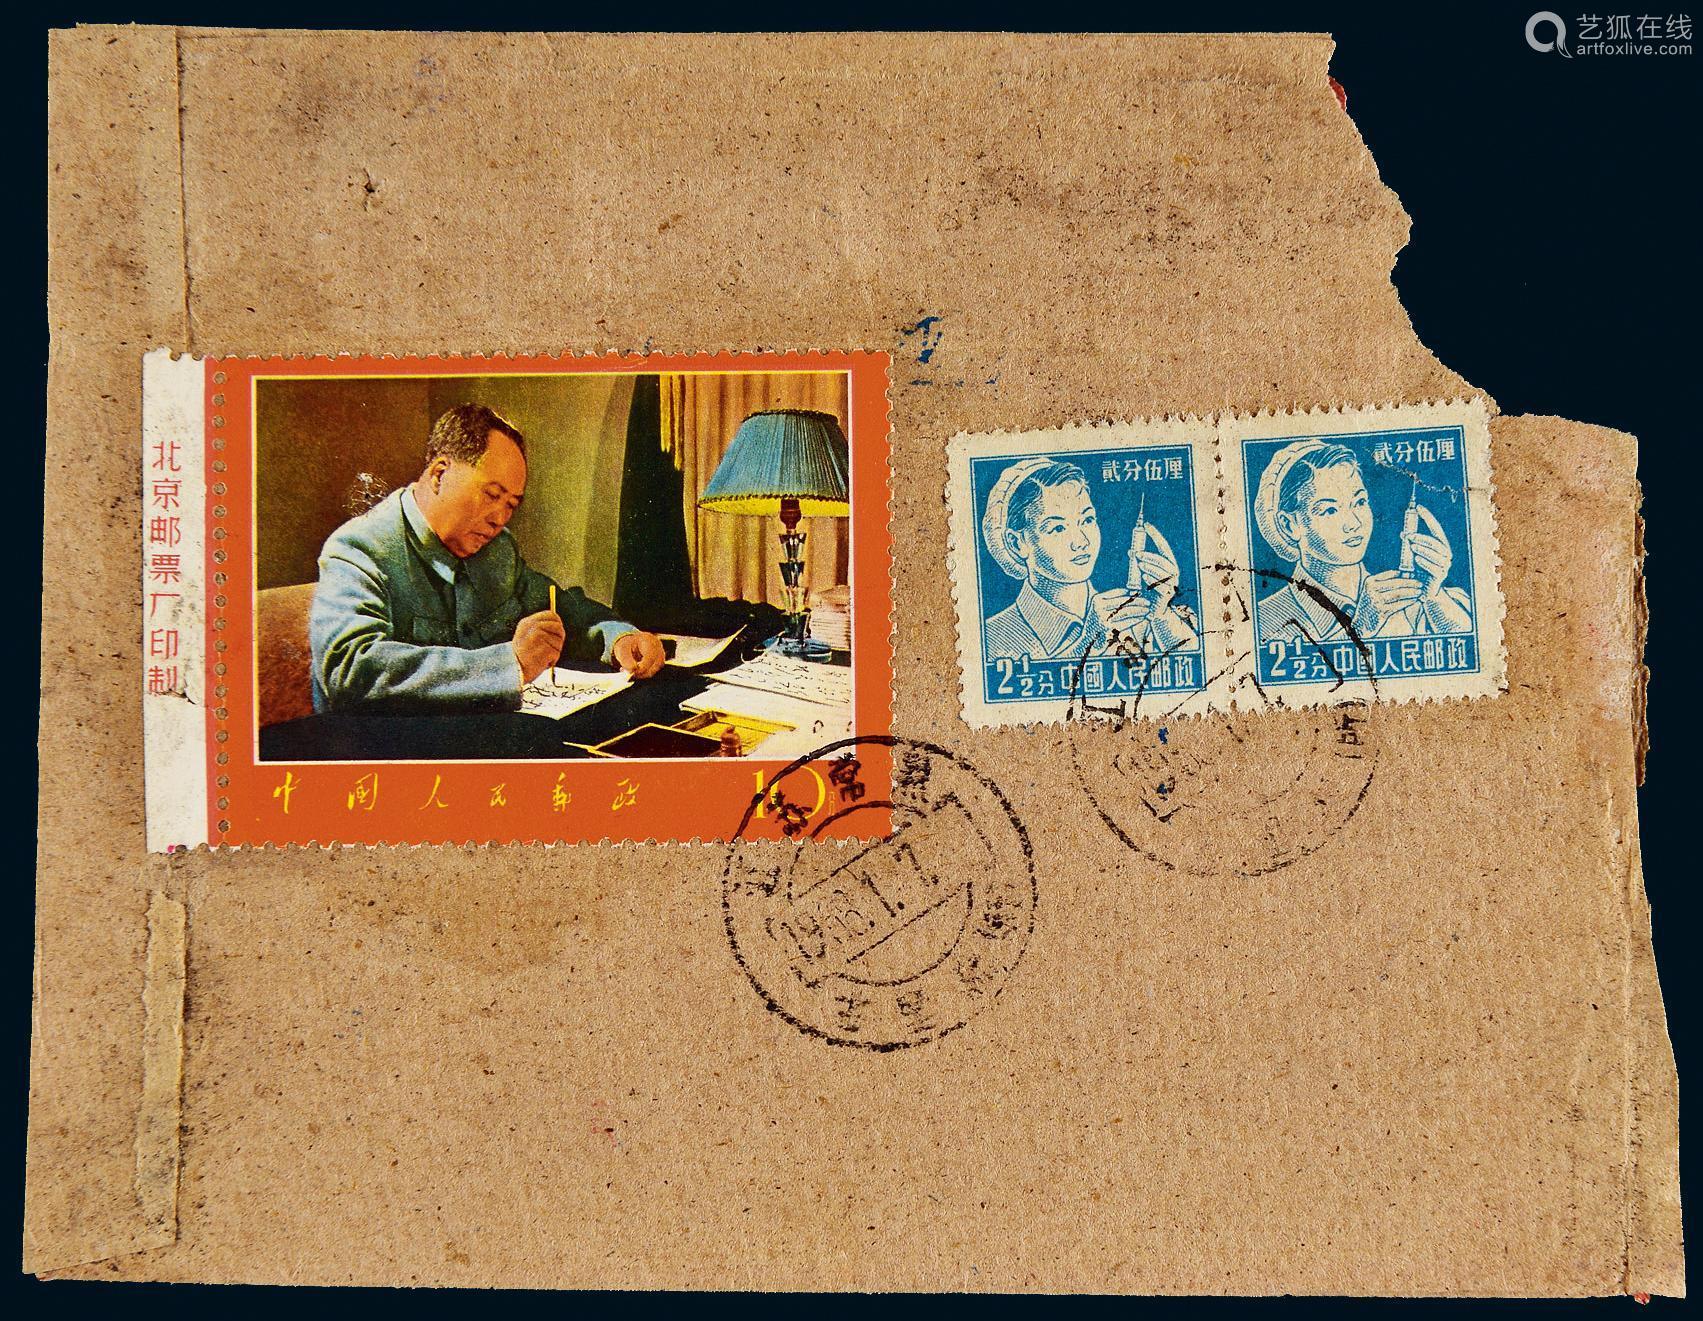 1968年常熟寄本埠封挂号印刷品封